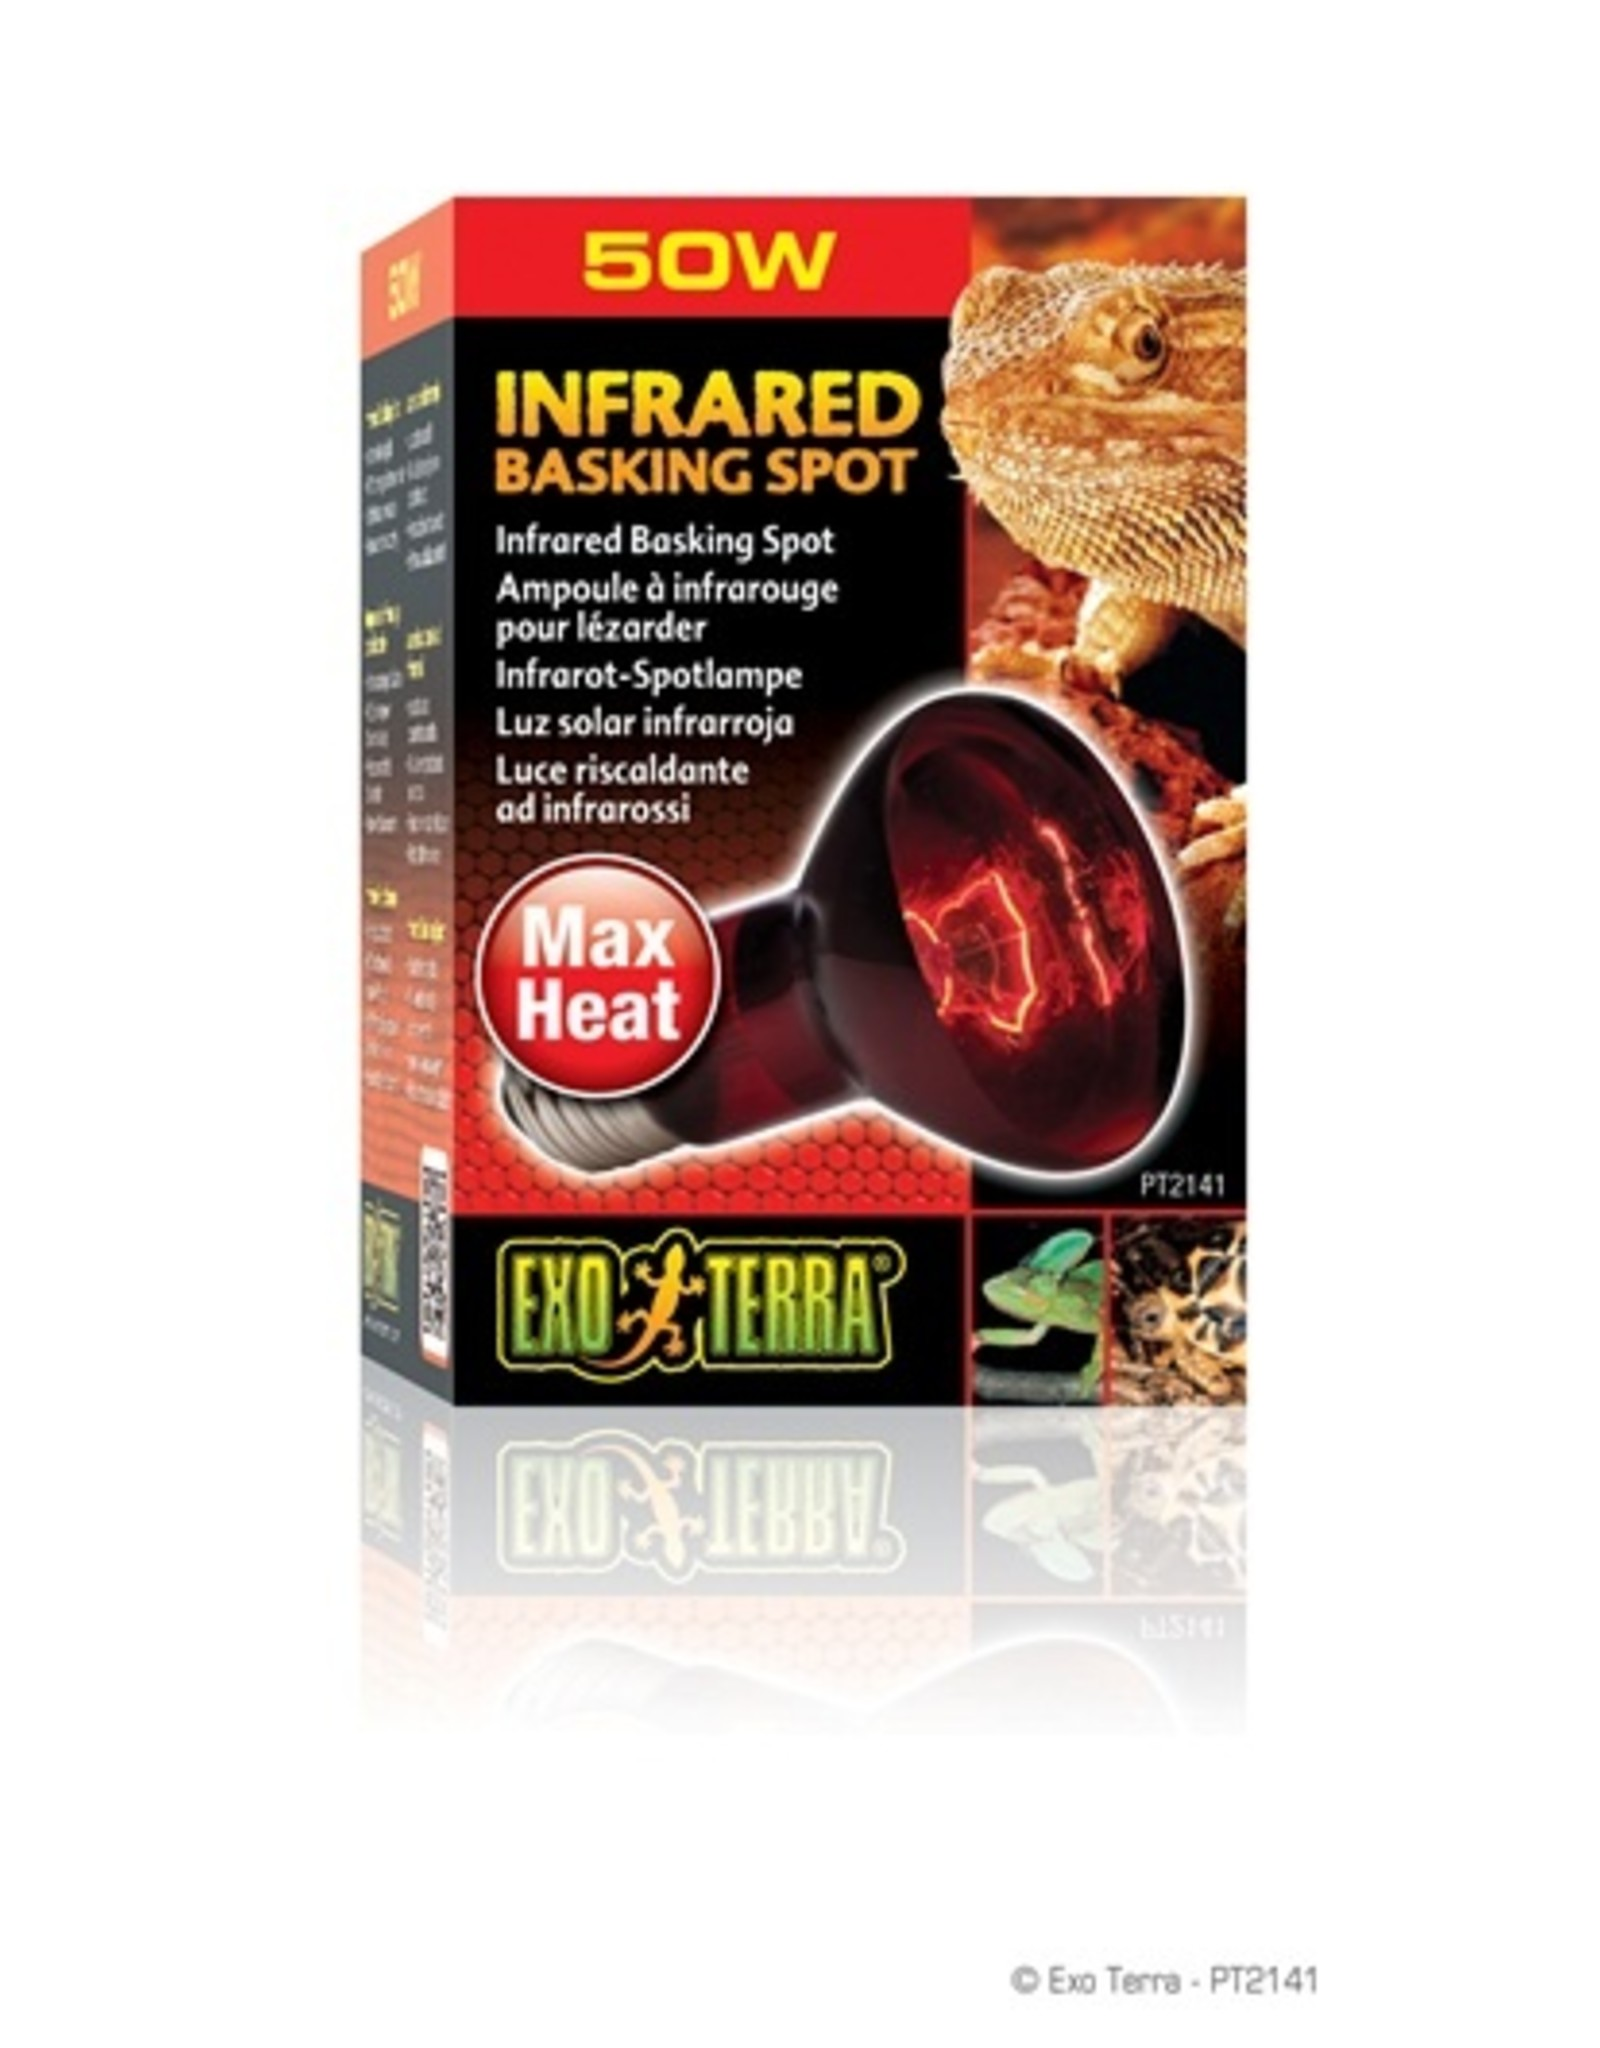 Exo Terra EXO TERRA Infrared Basking Spot